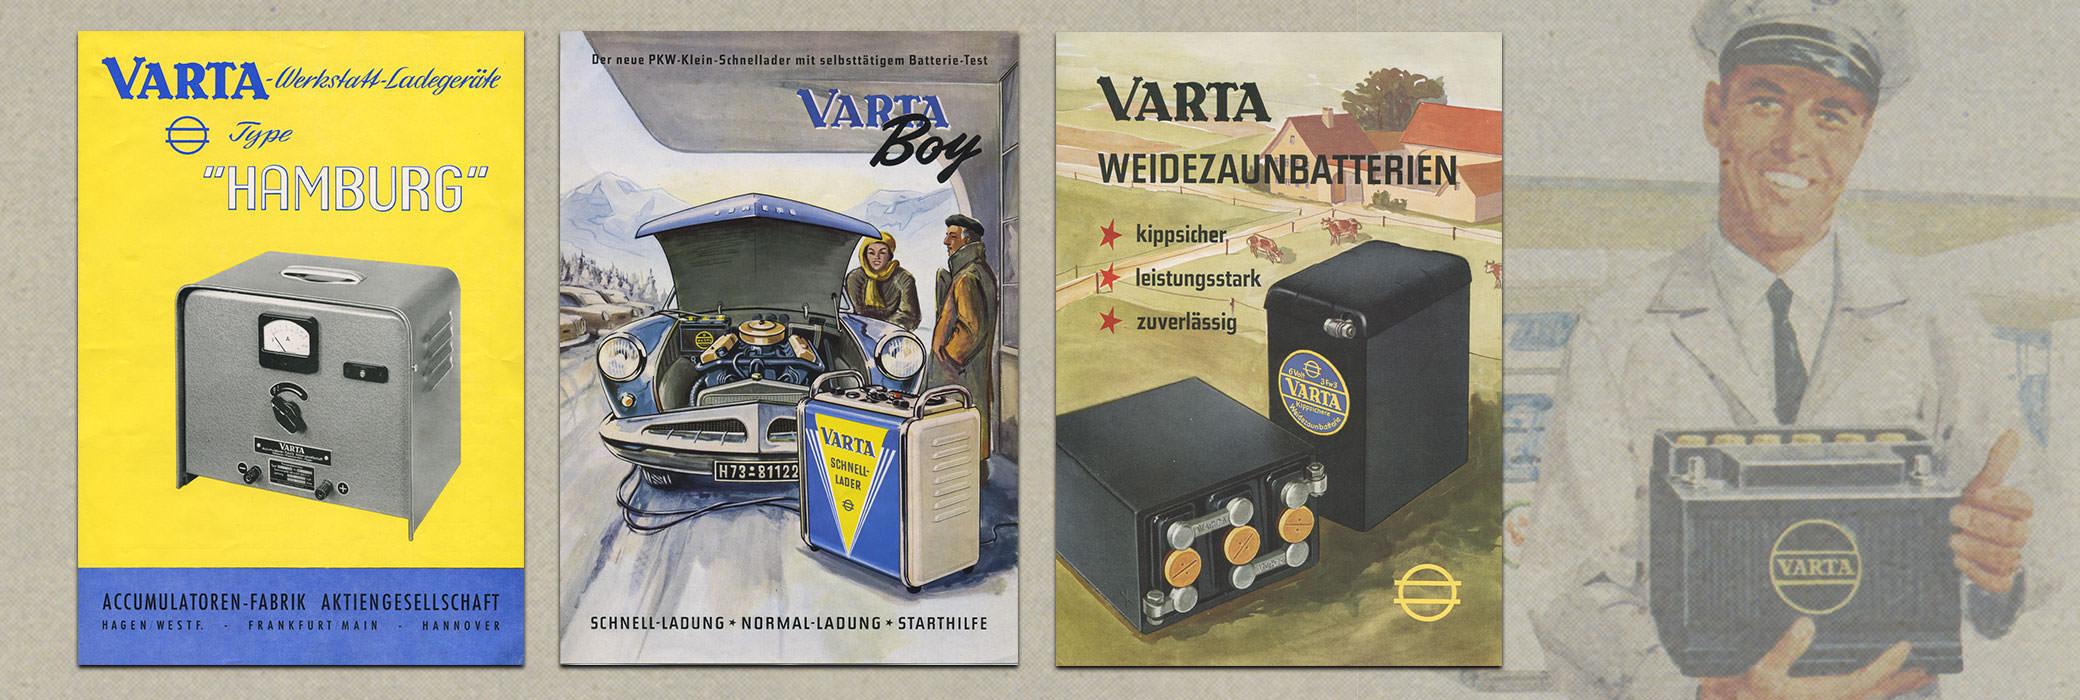 Gekleurde VARTA® posters uit de jaren zeventig